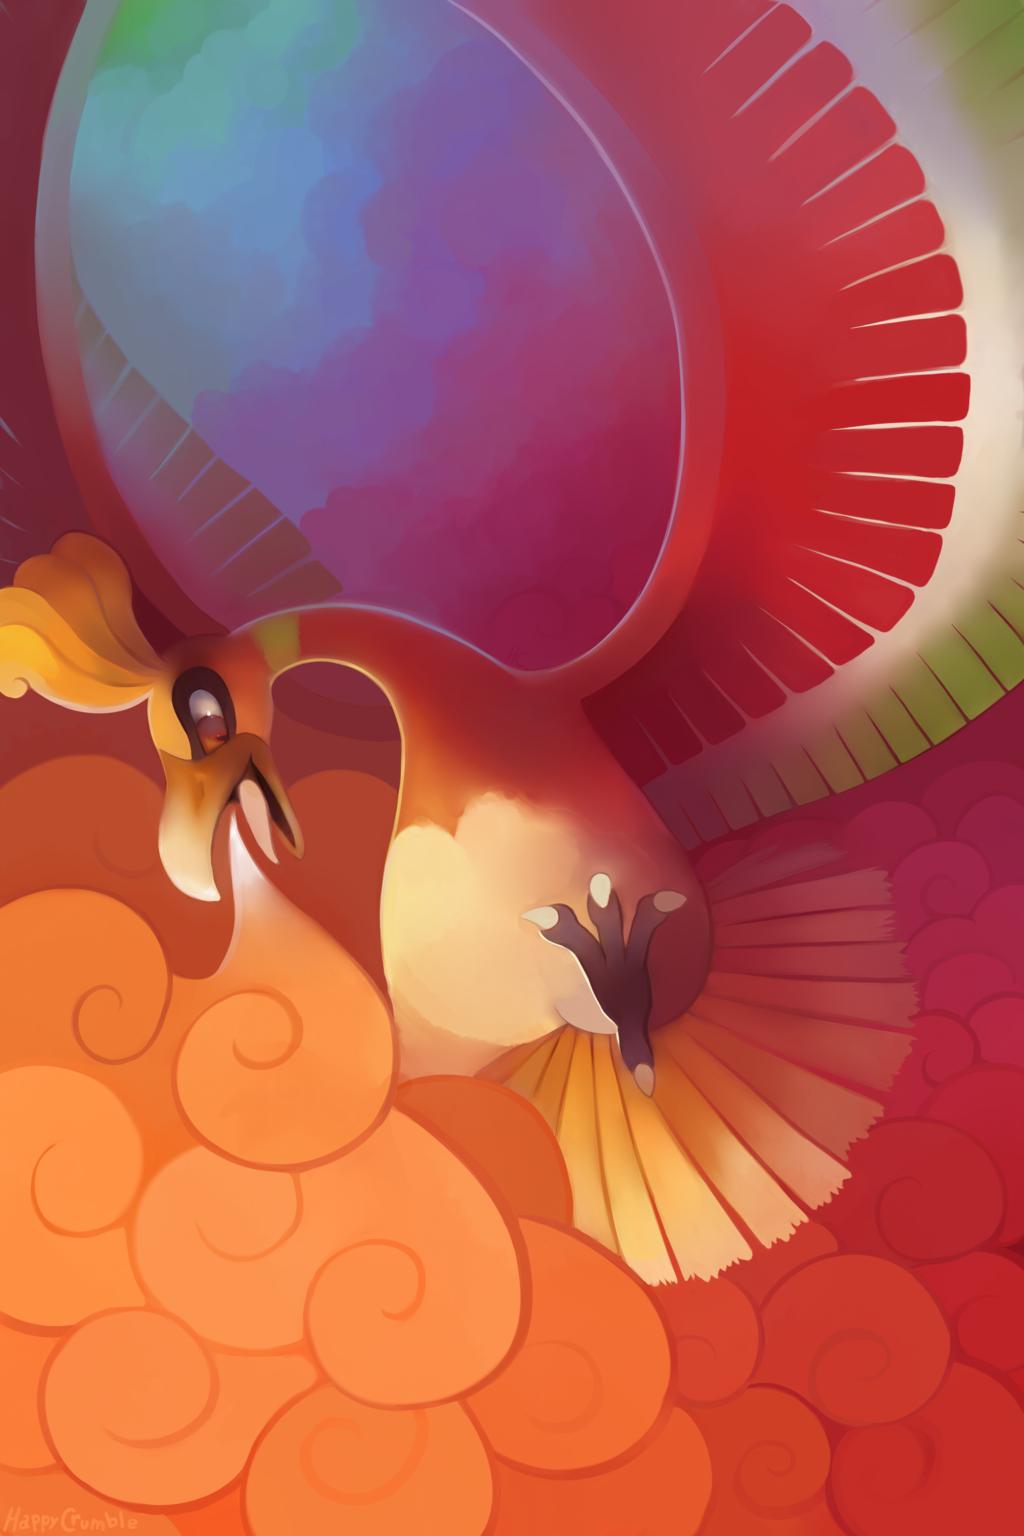 Введение в мир Pokémon - Изображение 15